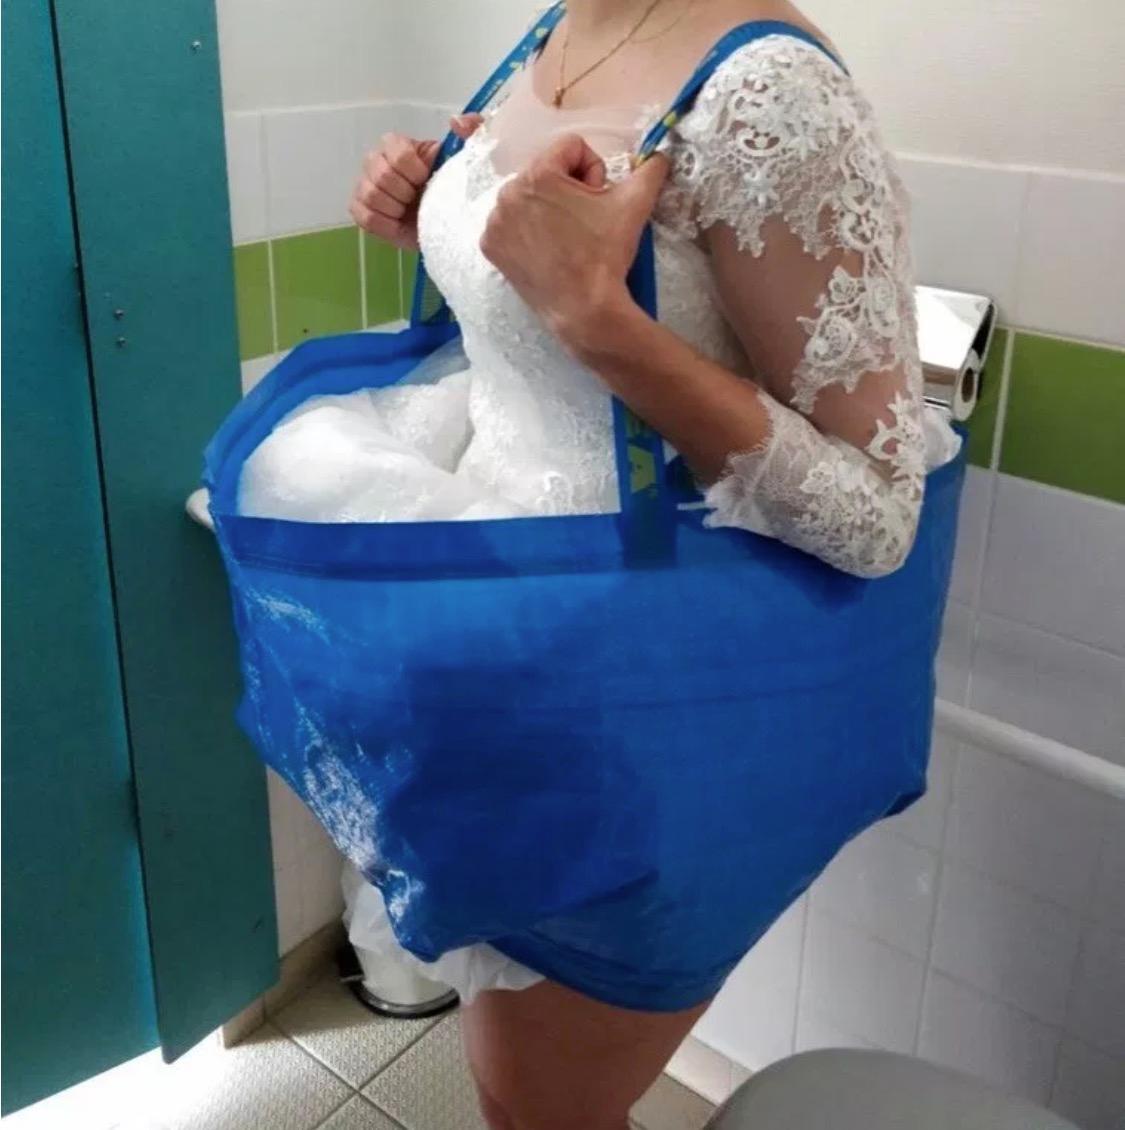 Amazing Braut In Ikea Tasche With Taschen Ikea